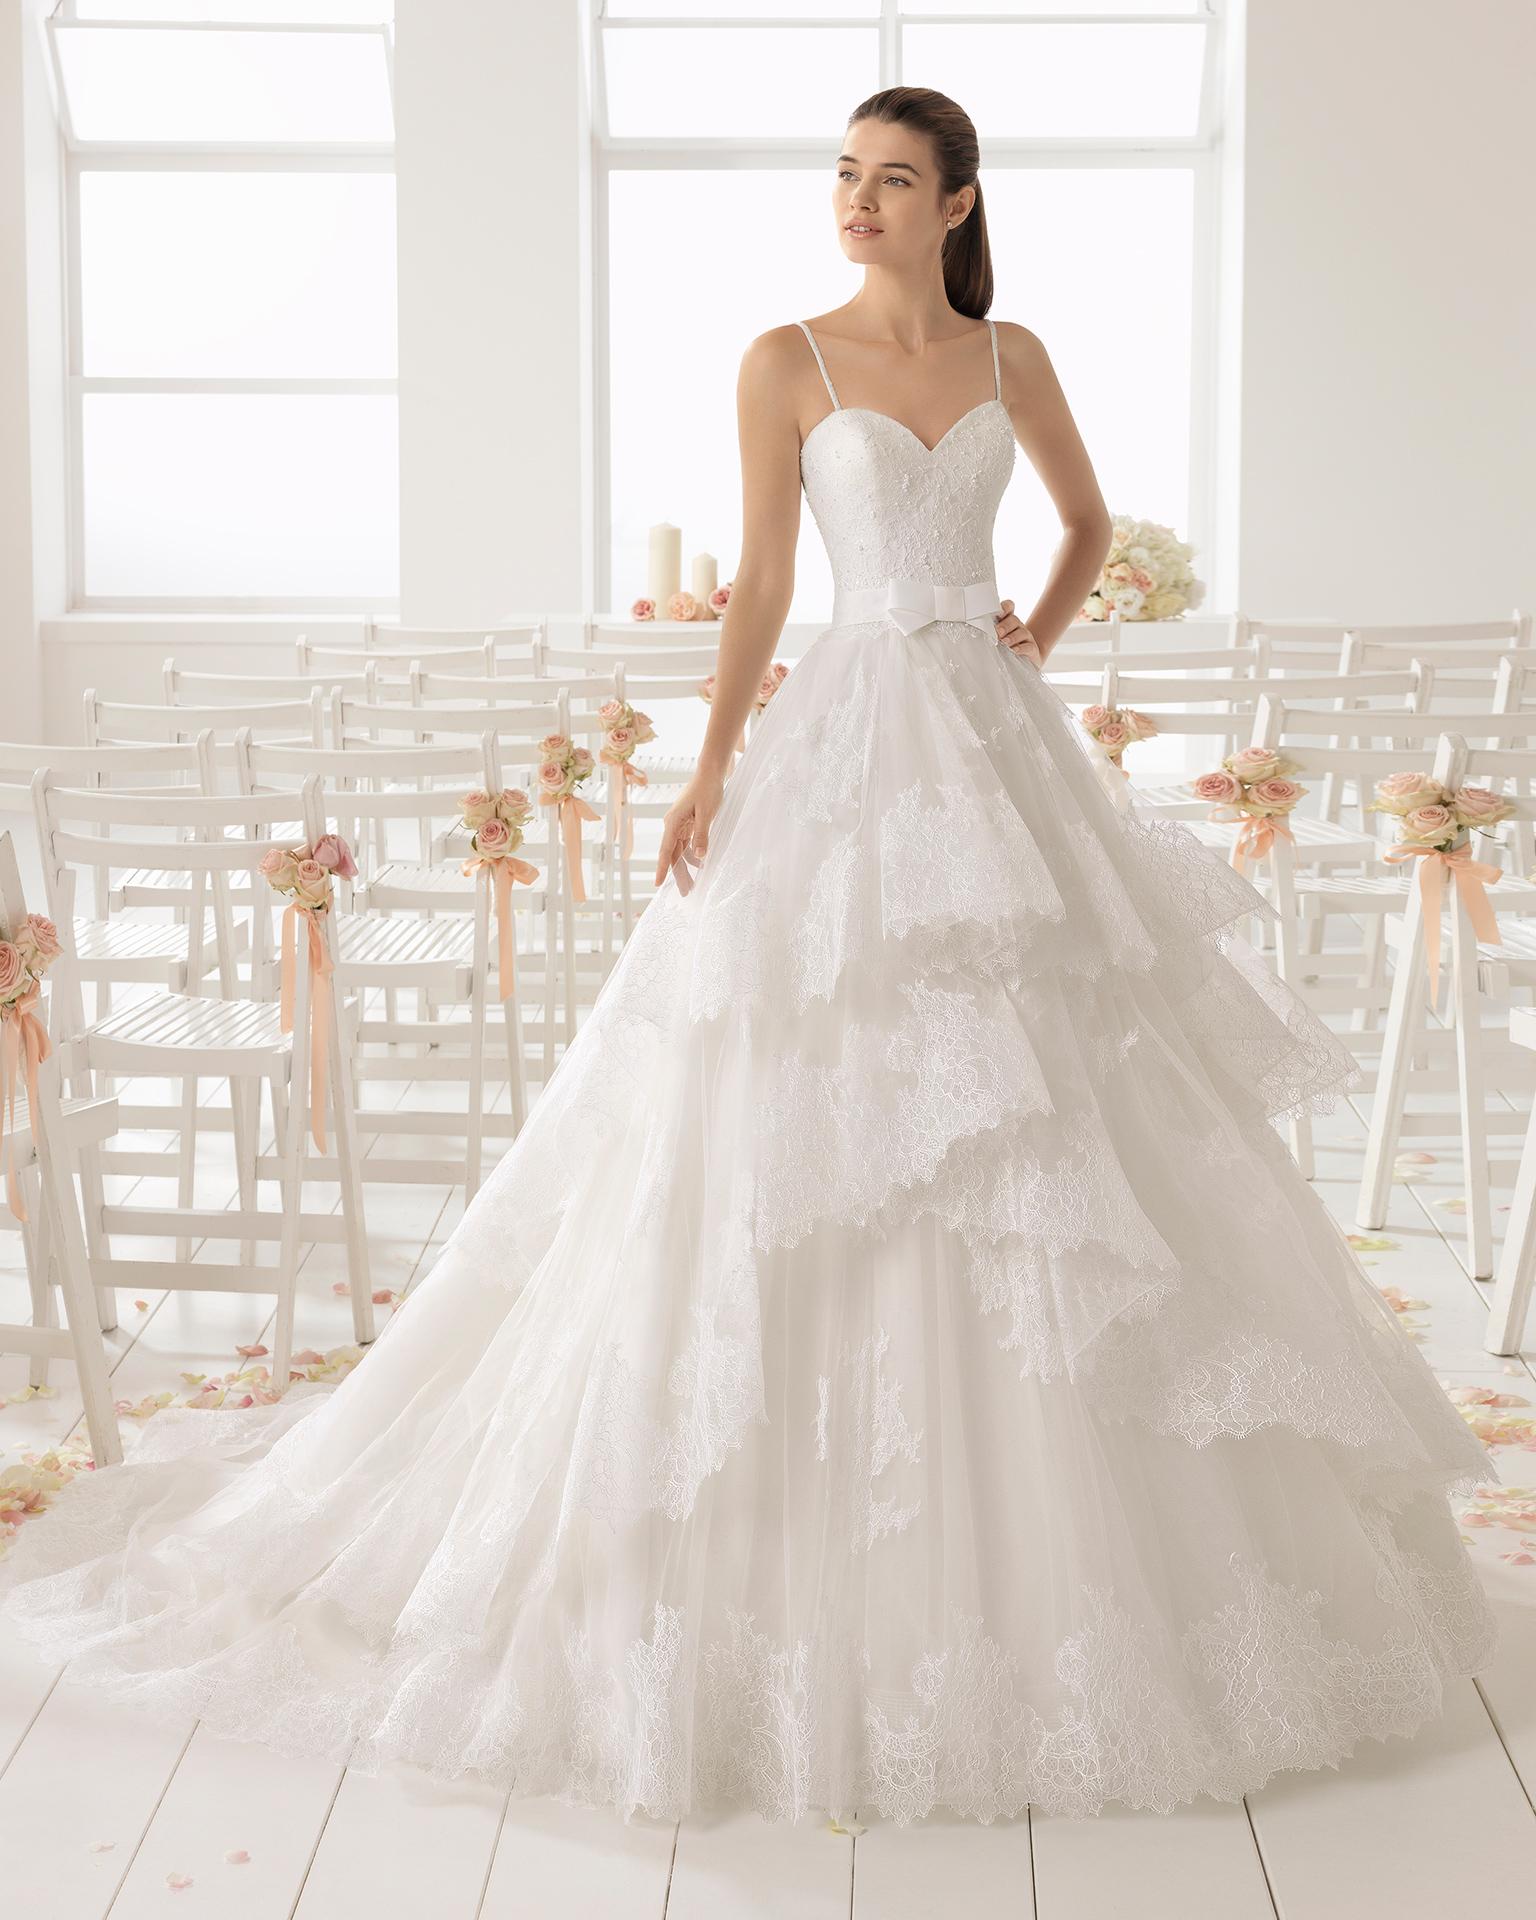 فستان زفاف ذو شكل هرمي من الدانتيل المزيّن بالخرز مع تقويرة رومنسية وفتحة ظهر كبيرة وتنورة فضفاضة.